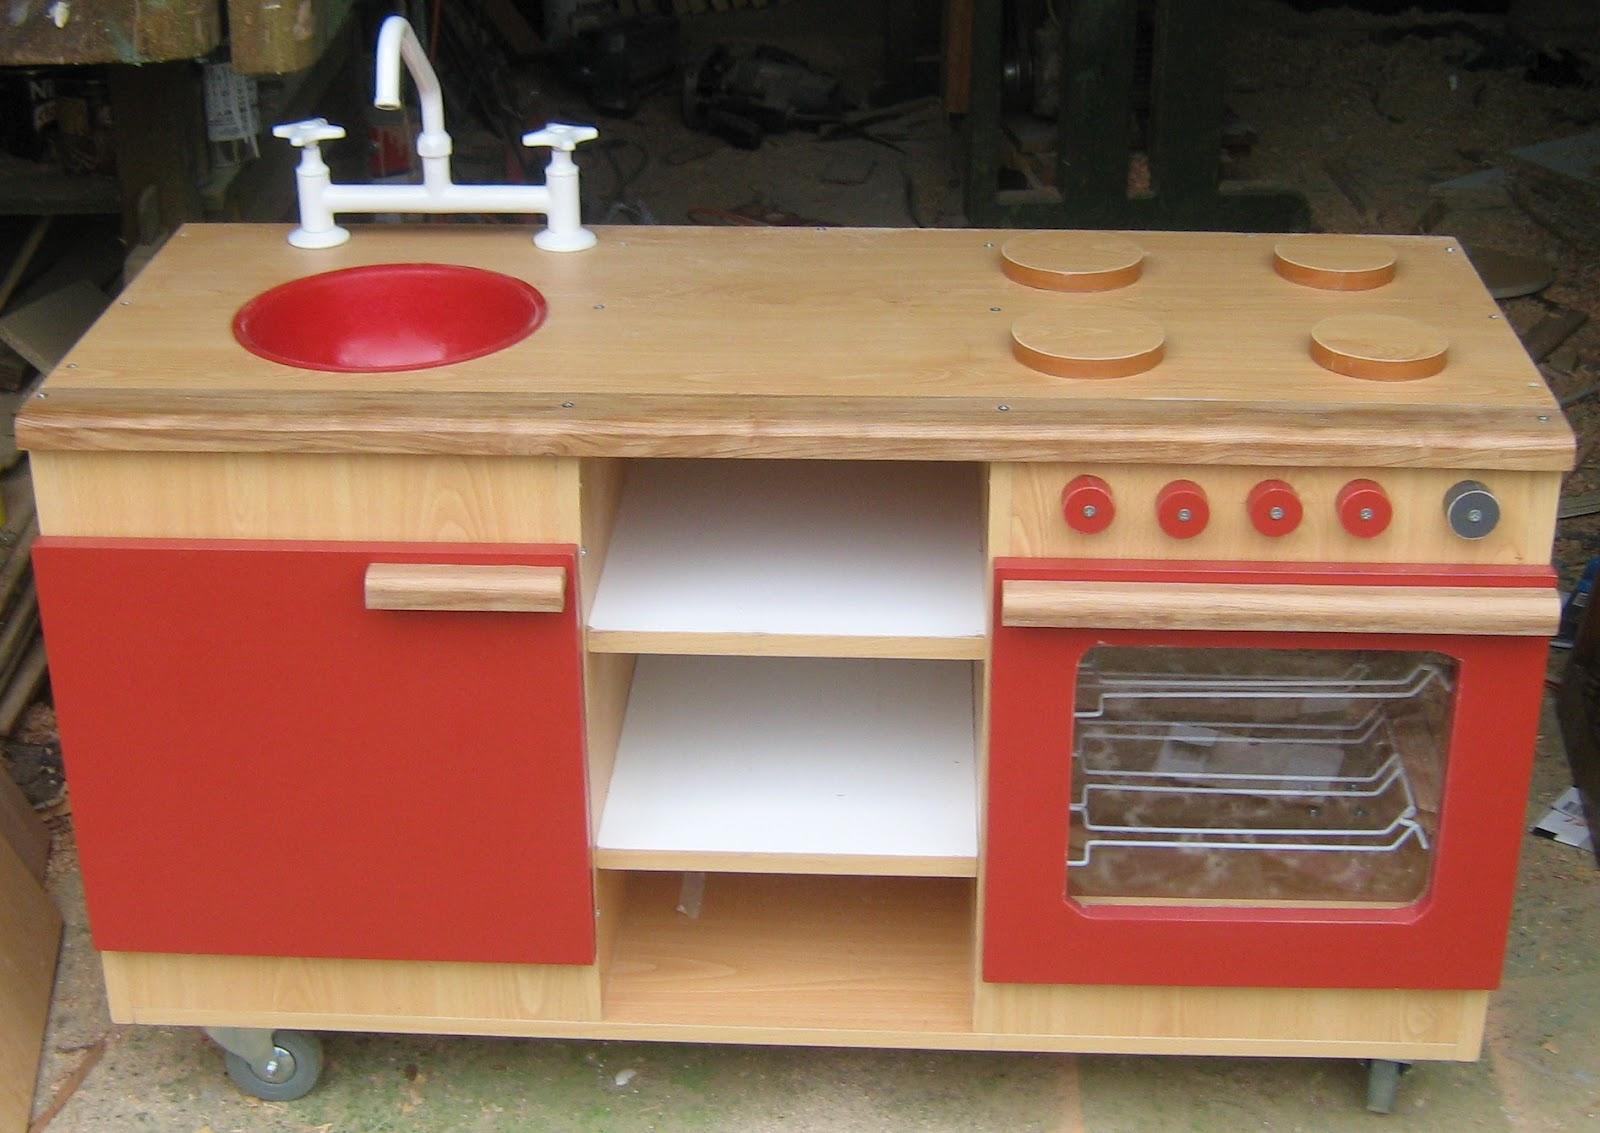 Cocina de madera para ni os imagui for Cocina infantil madera